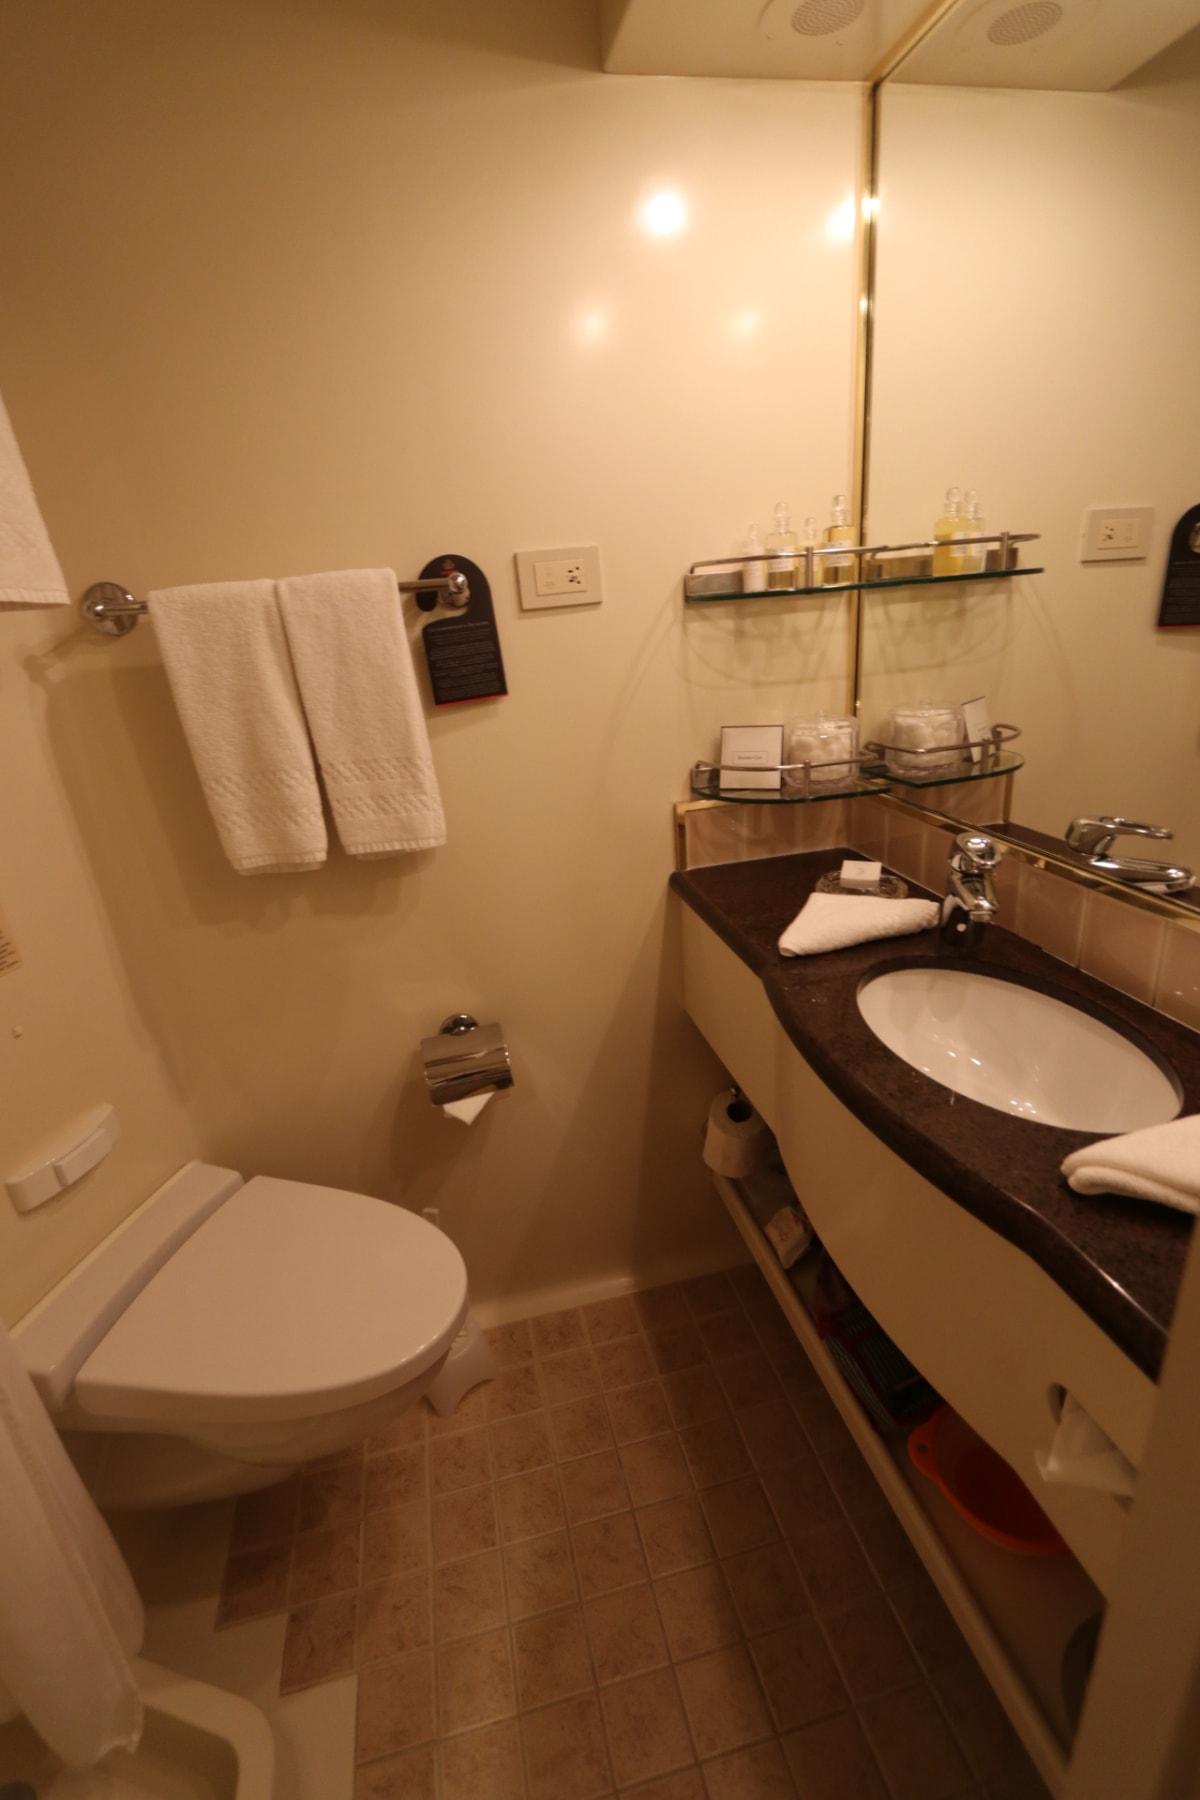 洗面所にもコンセントがあり、国内の100Vが使えます。   客船クイーン・エリザベスの客室